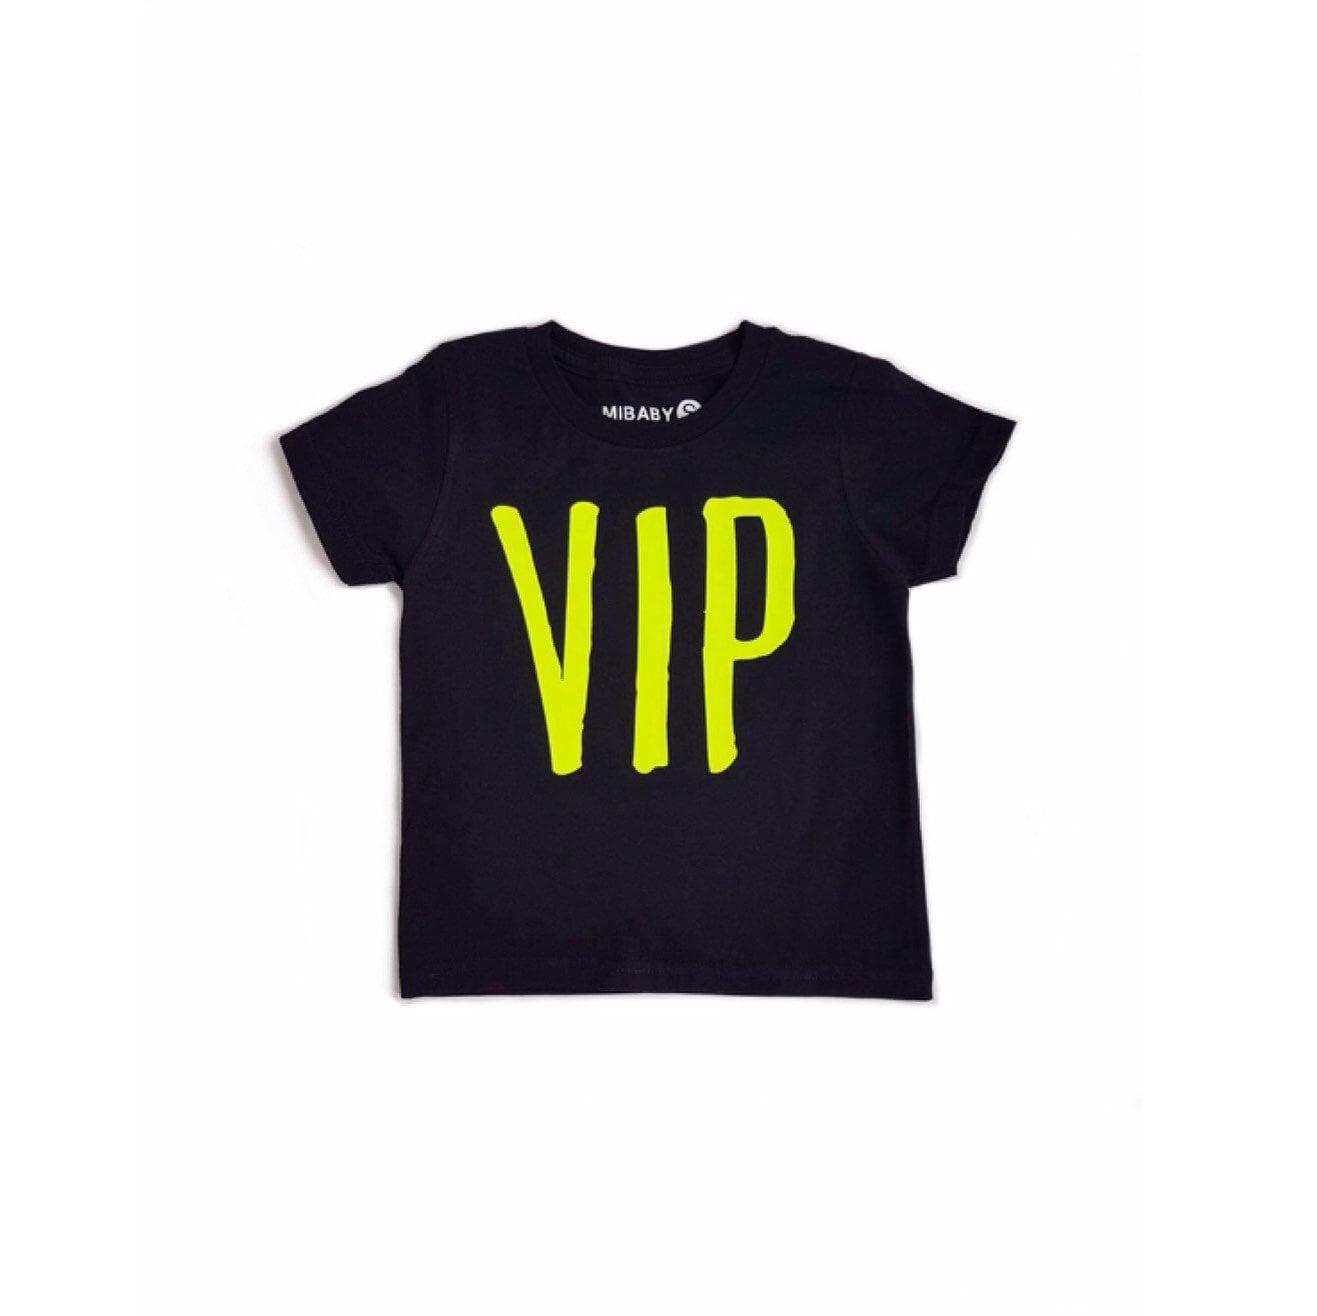 3885f3345 VIP Hip Hop Kids T-shirt BLACK Toddler T-shirt Custom Urban | Etsy